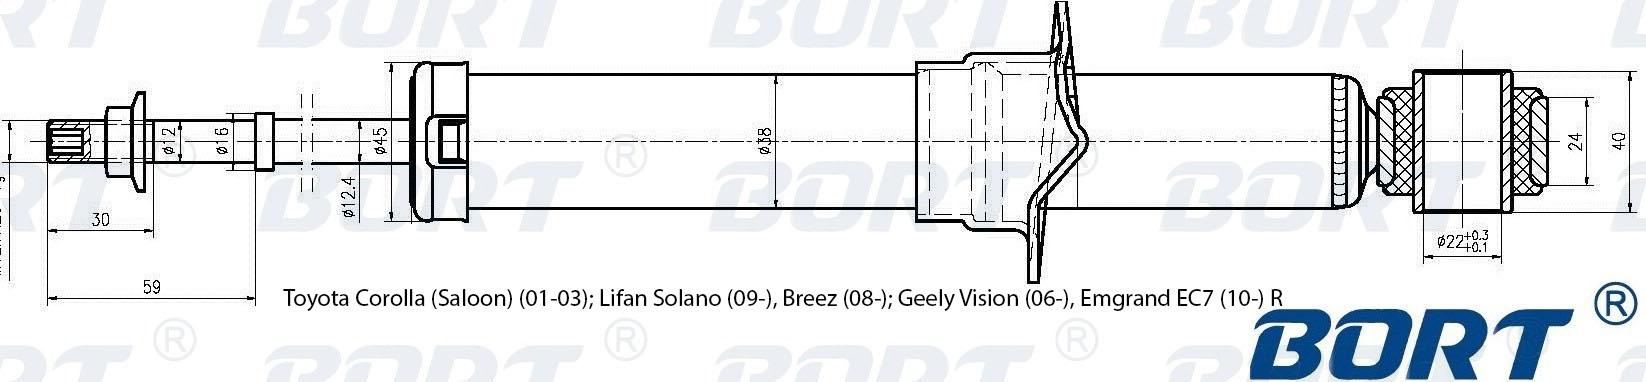 Амортизатор газомасляный задний. BORT (G41238071)